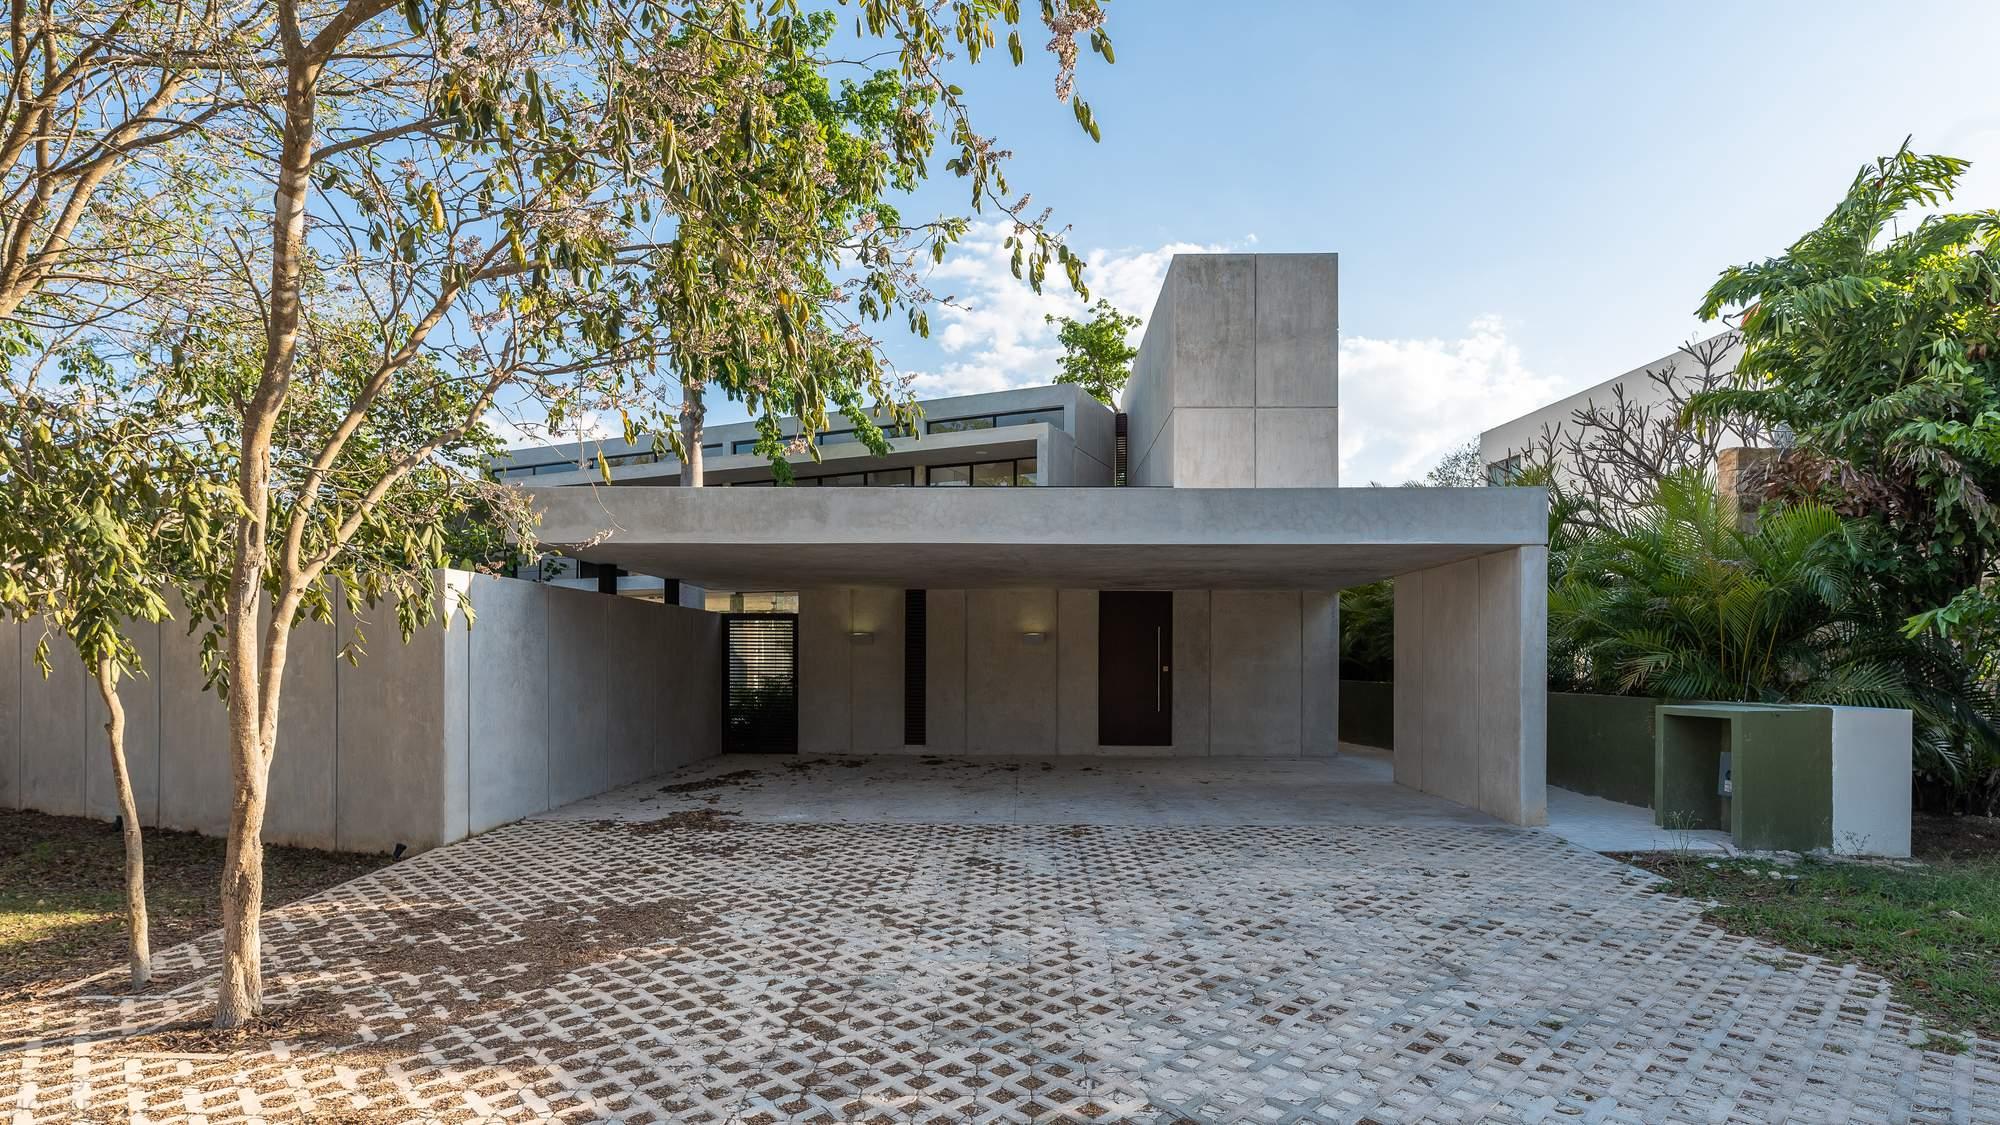 Современный стильный дом вокруг сада, Мексика